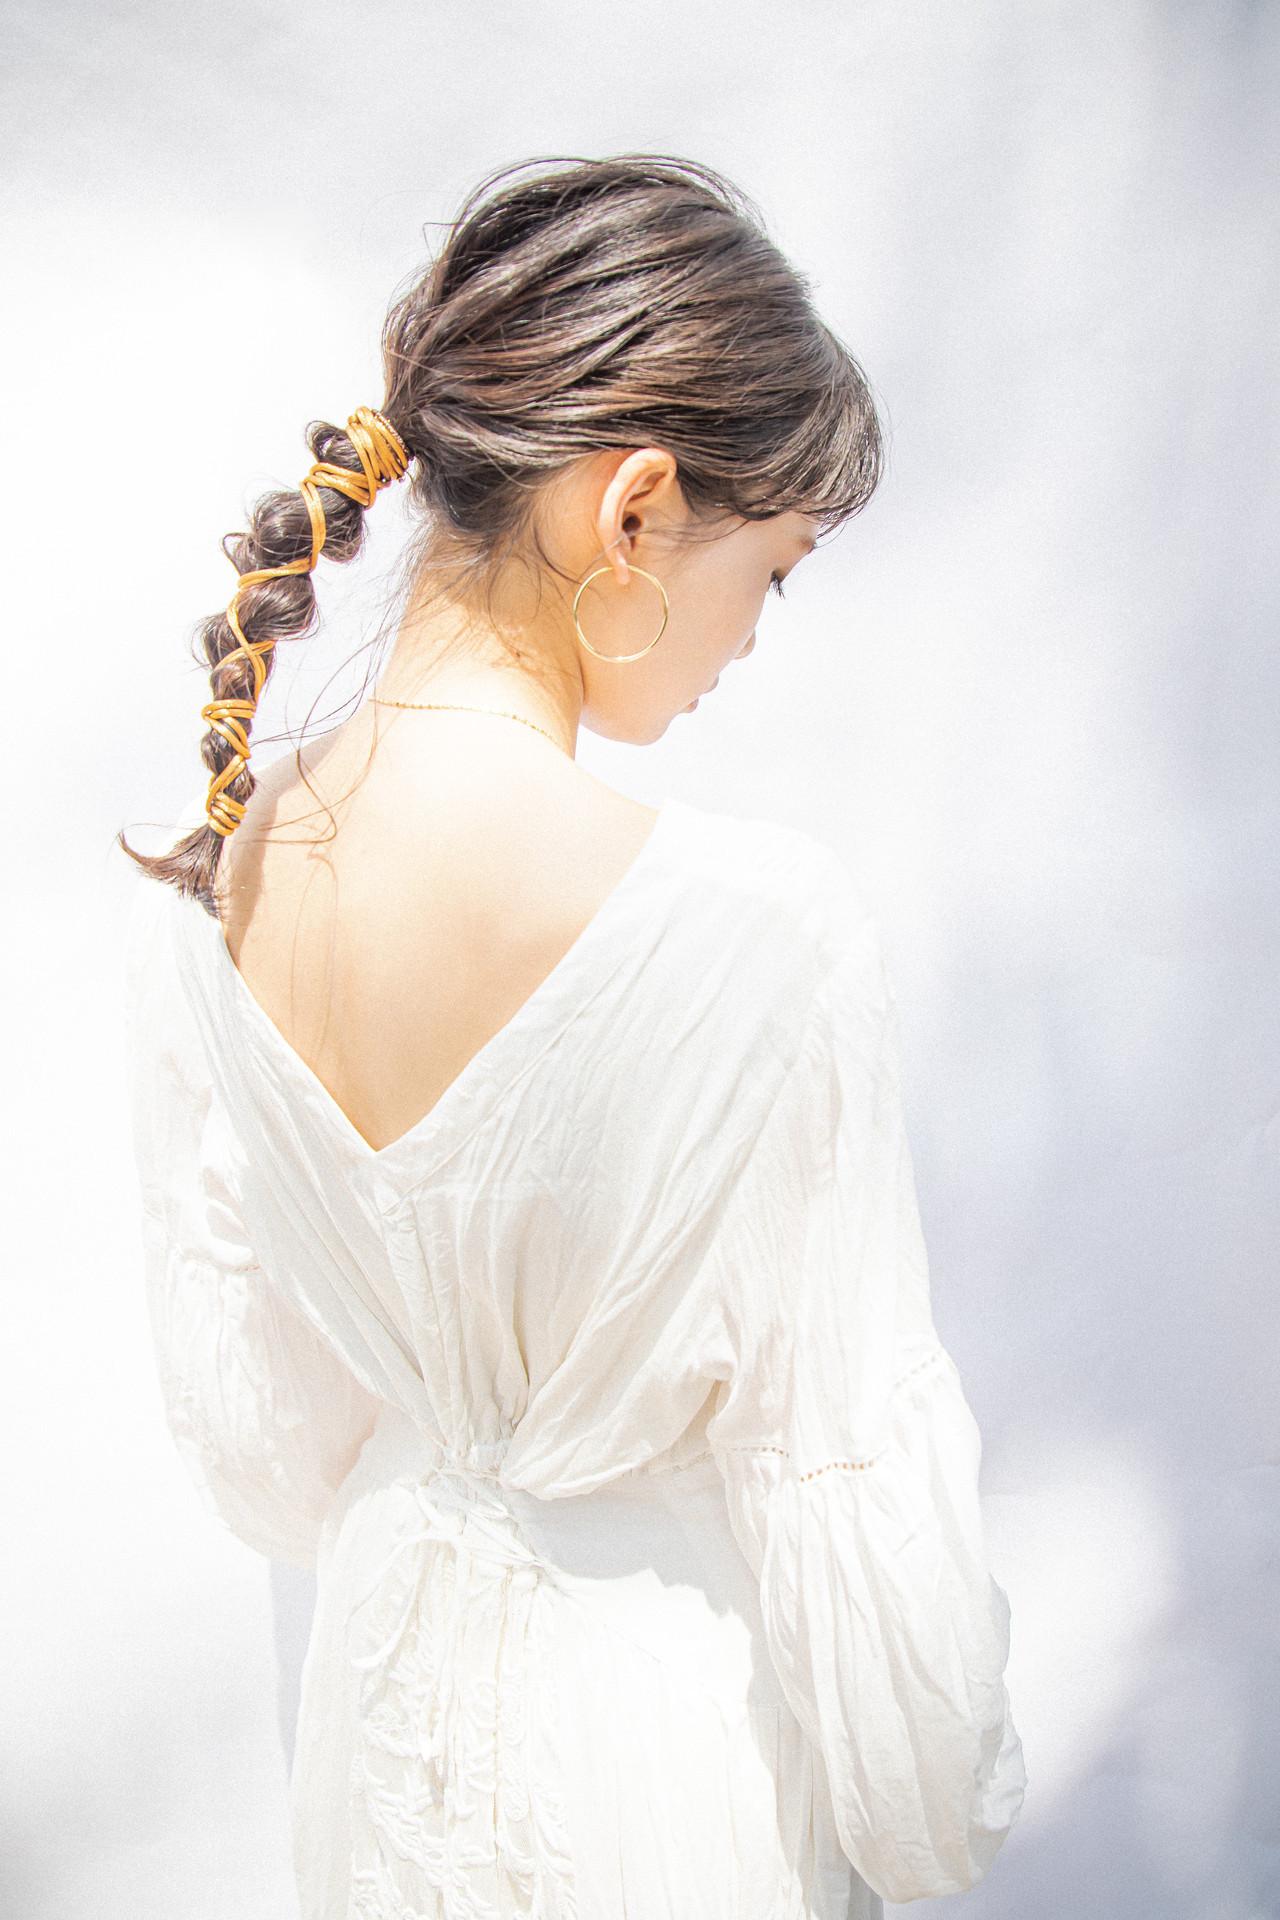 結婚式ヘアアレンジ 紐アレンジ ポニーテールアレンジ ヘアアレンジ ヘアスタイルや髪型の写真・画像